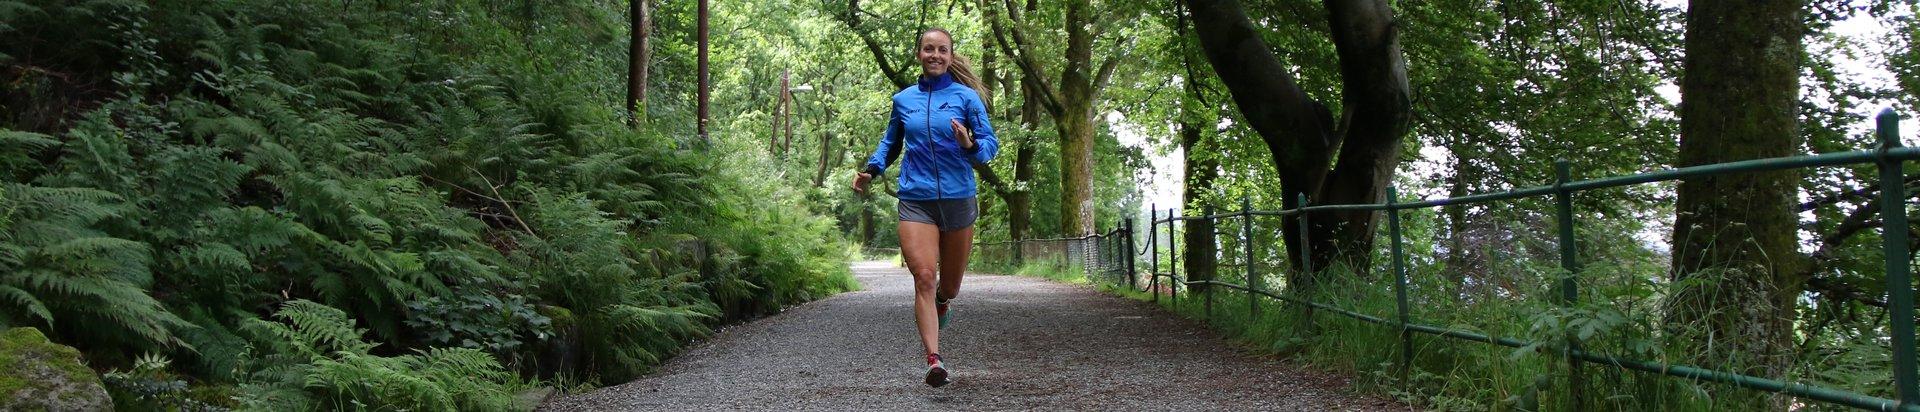 Anita Iversen Lilleskare